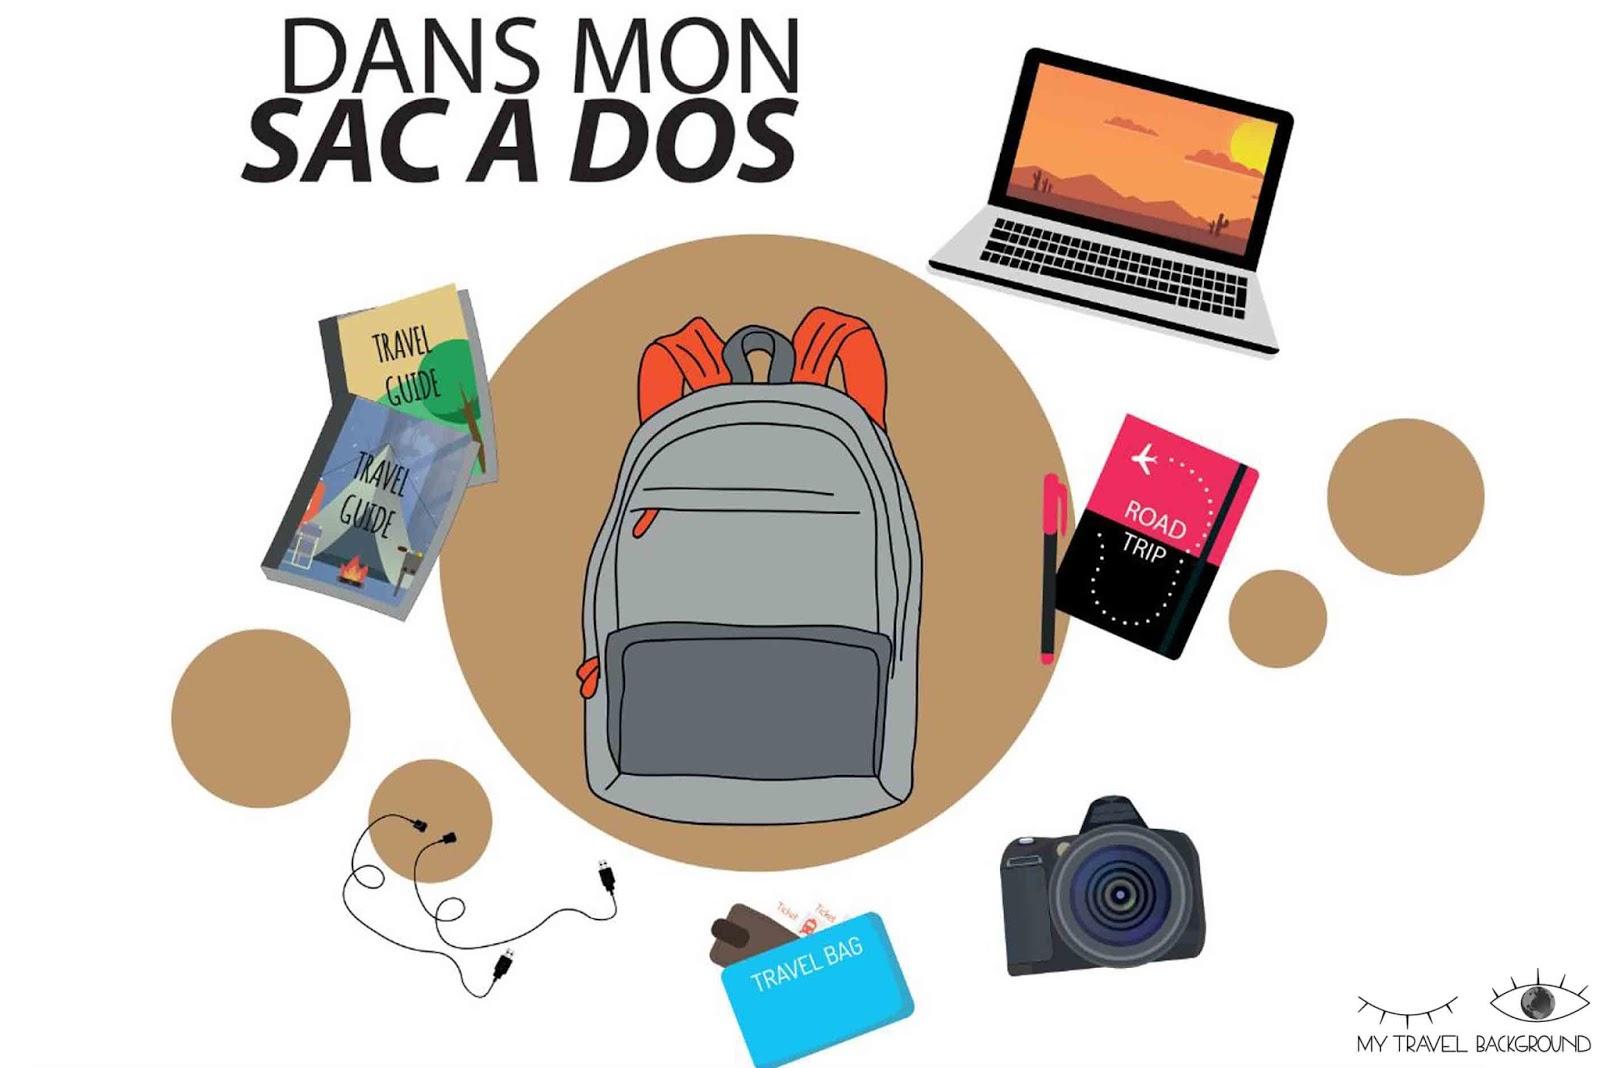 My Travel Background : Comment organiser sa valise pour un long voyage? - Dans mon sac à dos